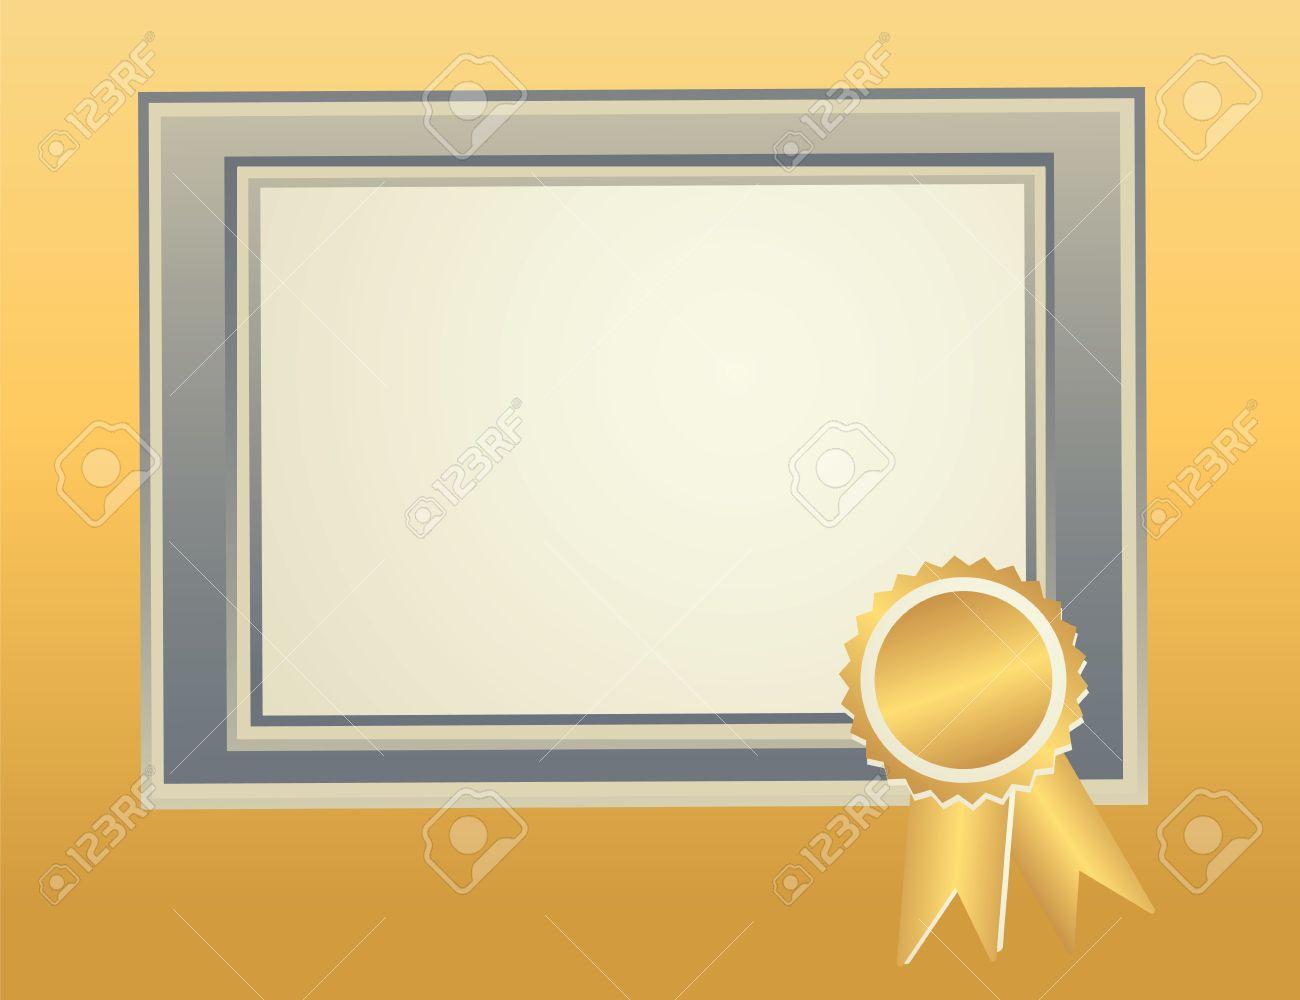 Blank Rahmen-Vorlage Mit Award Siegel Für Zertifikat, Diplom ...